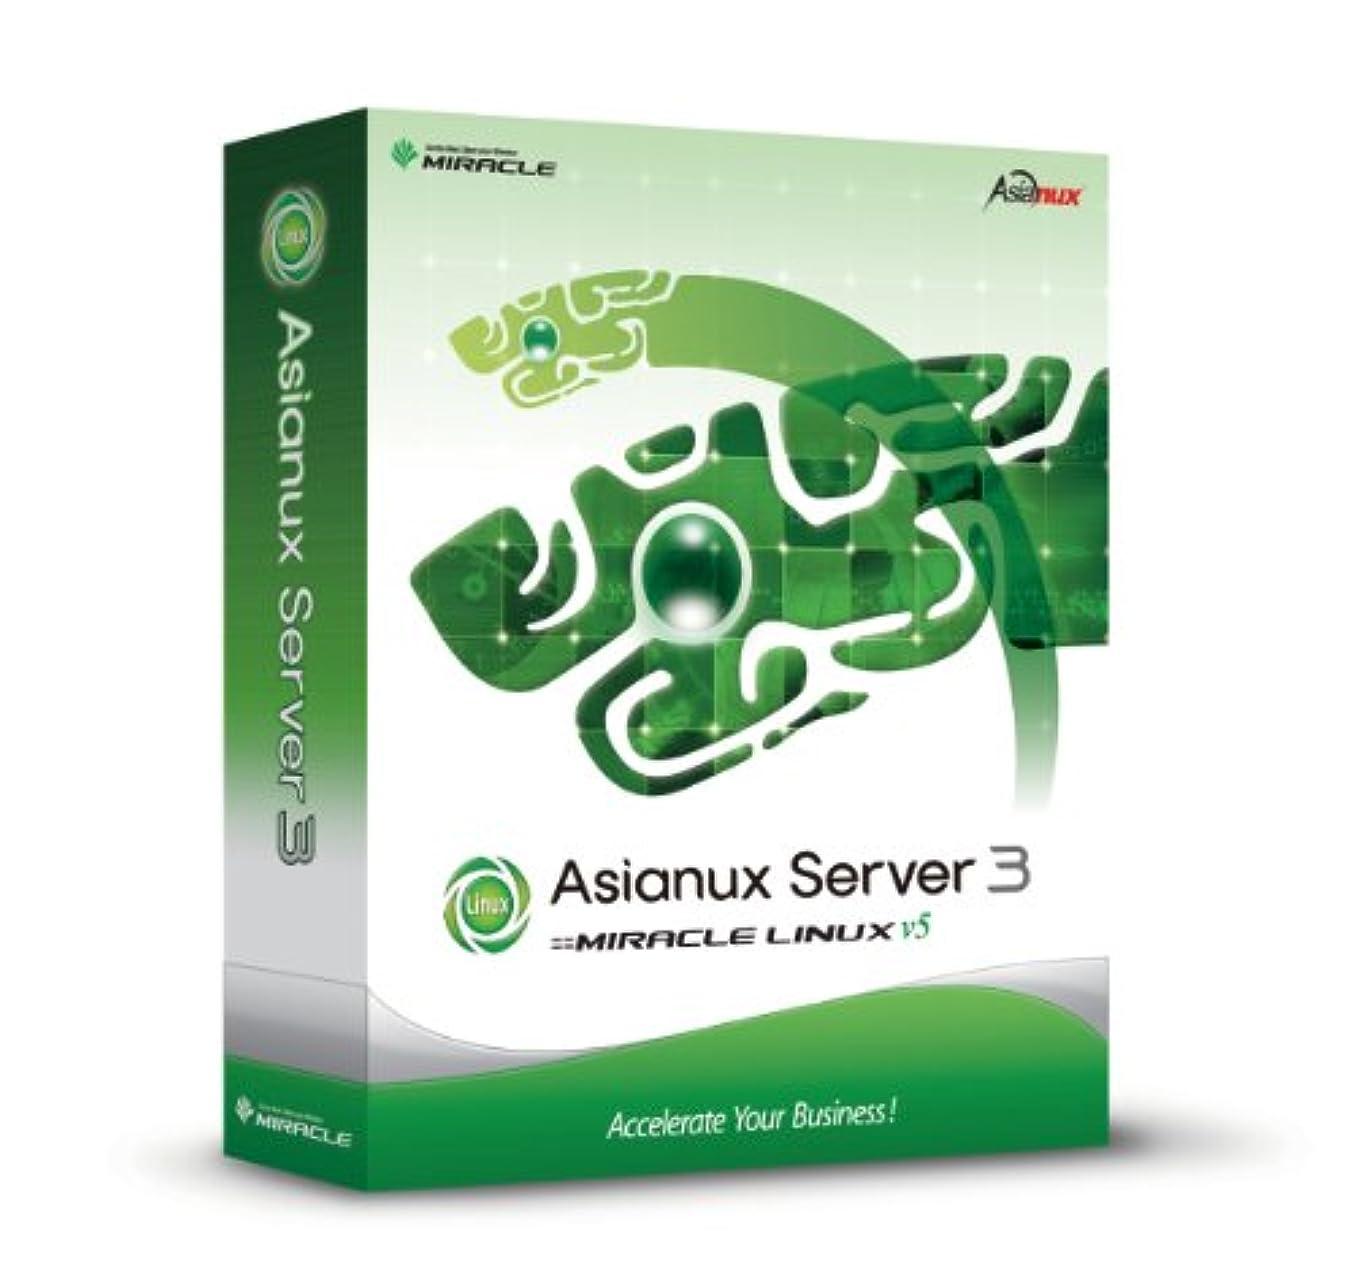 基礎一節滑りやすいAsianux Server 3 ==MIRACLE LINUX V5 One